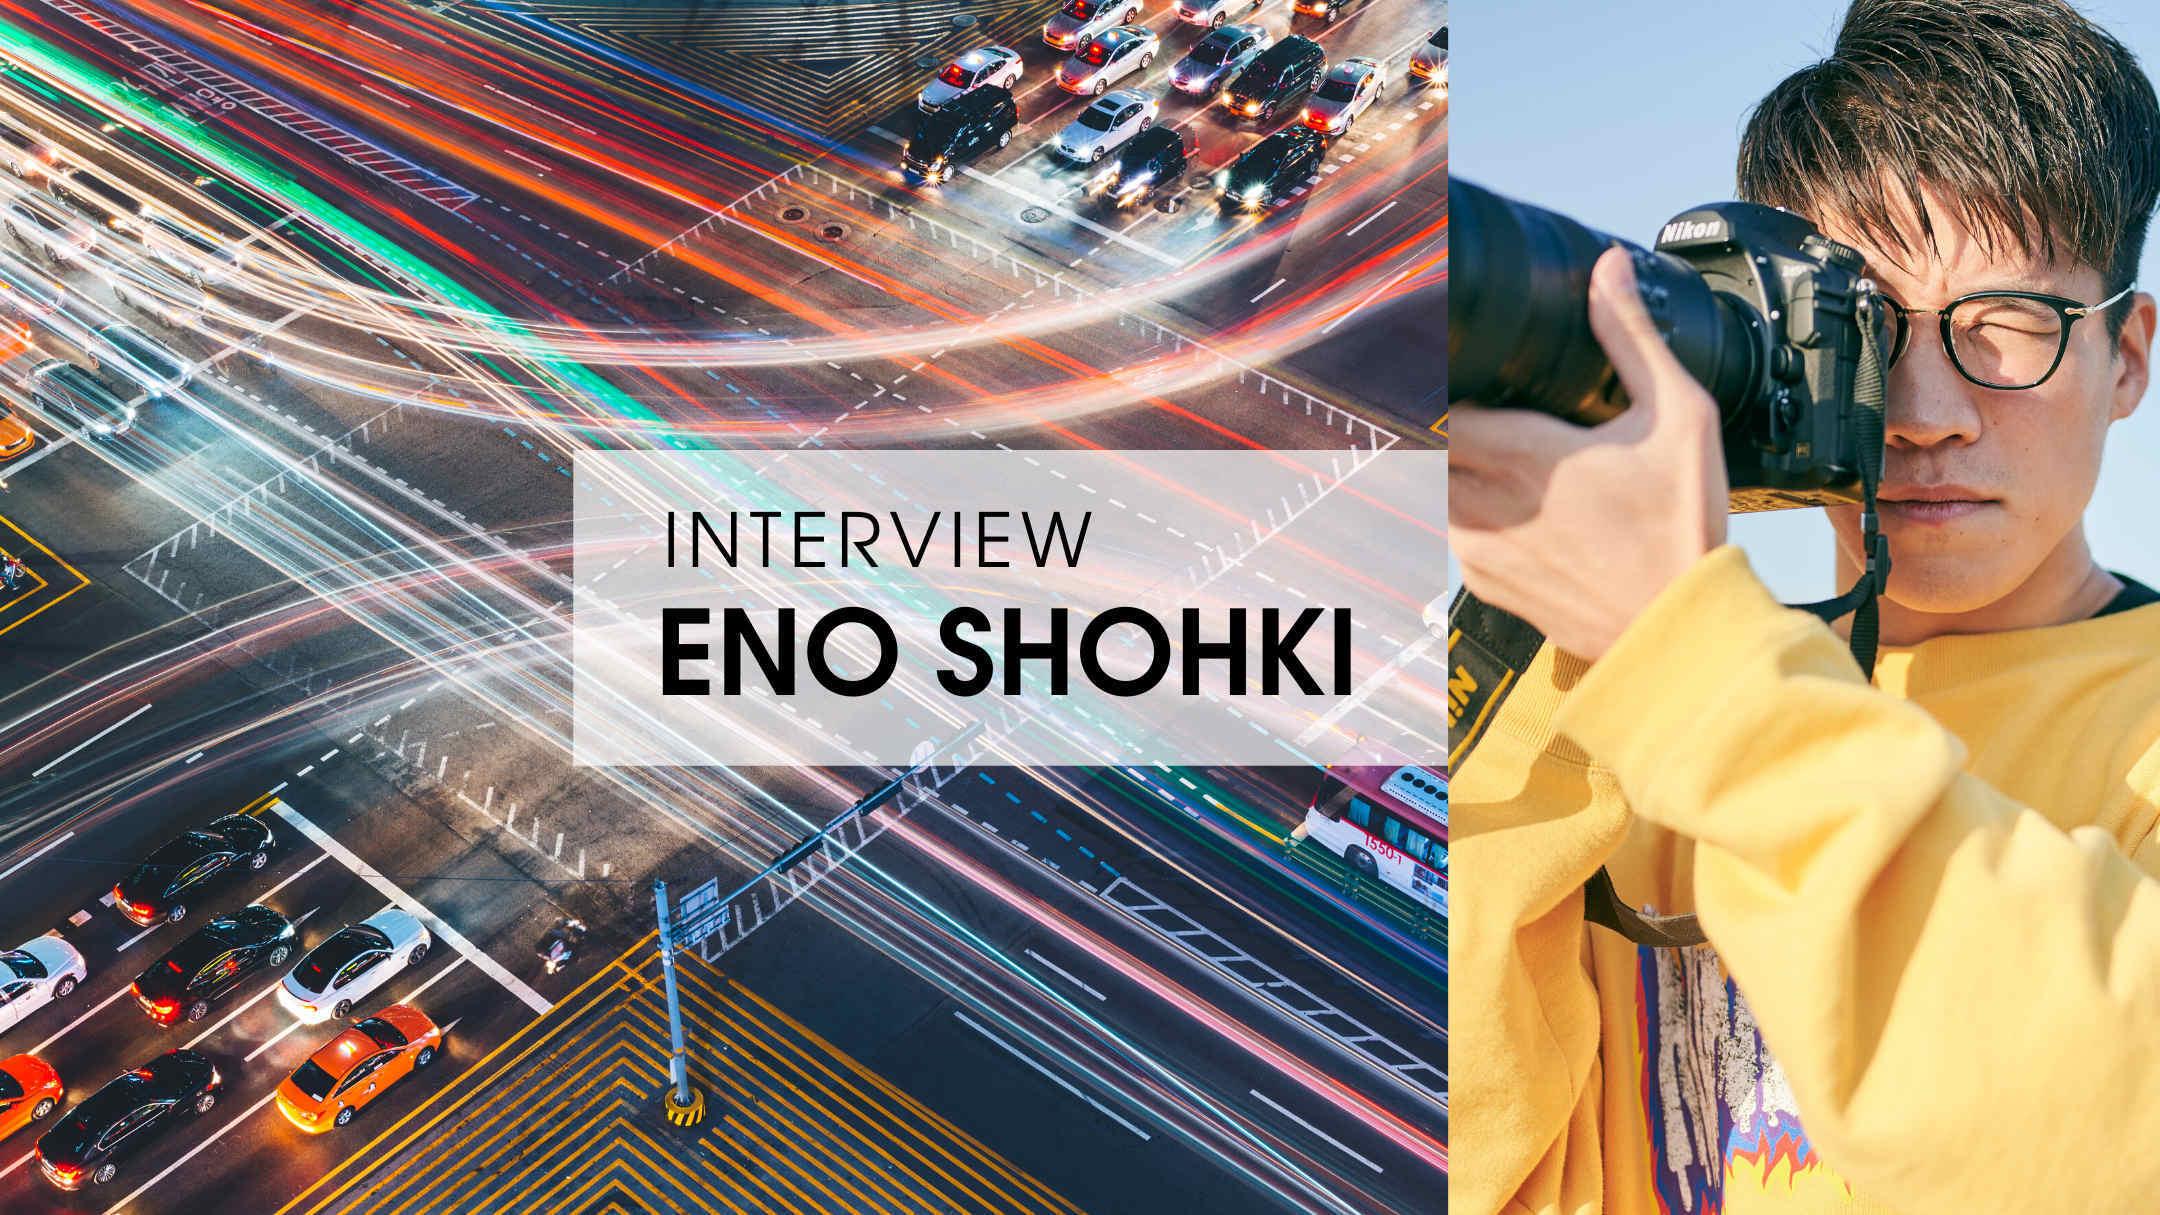 写真家 ENOさんインタビュー - 自身の写真を形づくる、デザイン、SNS、カメラとの出会い